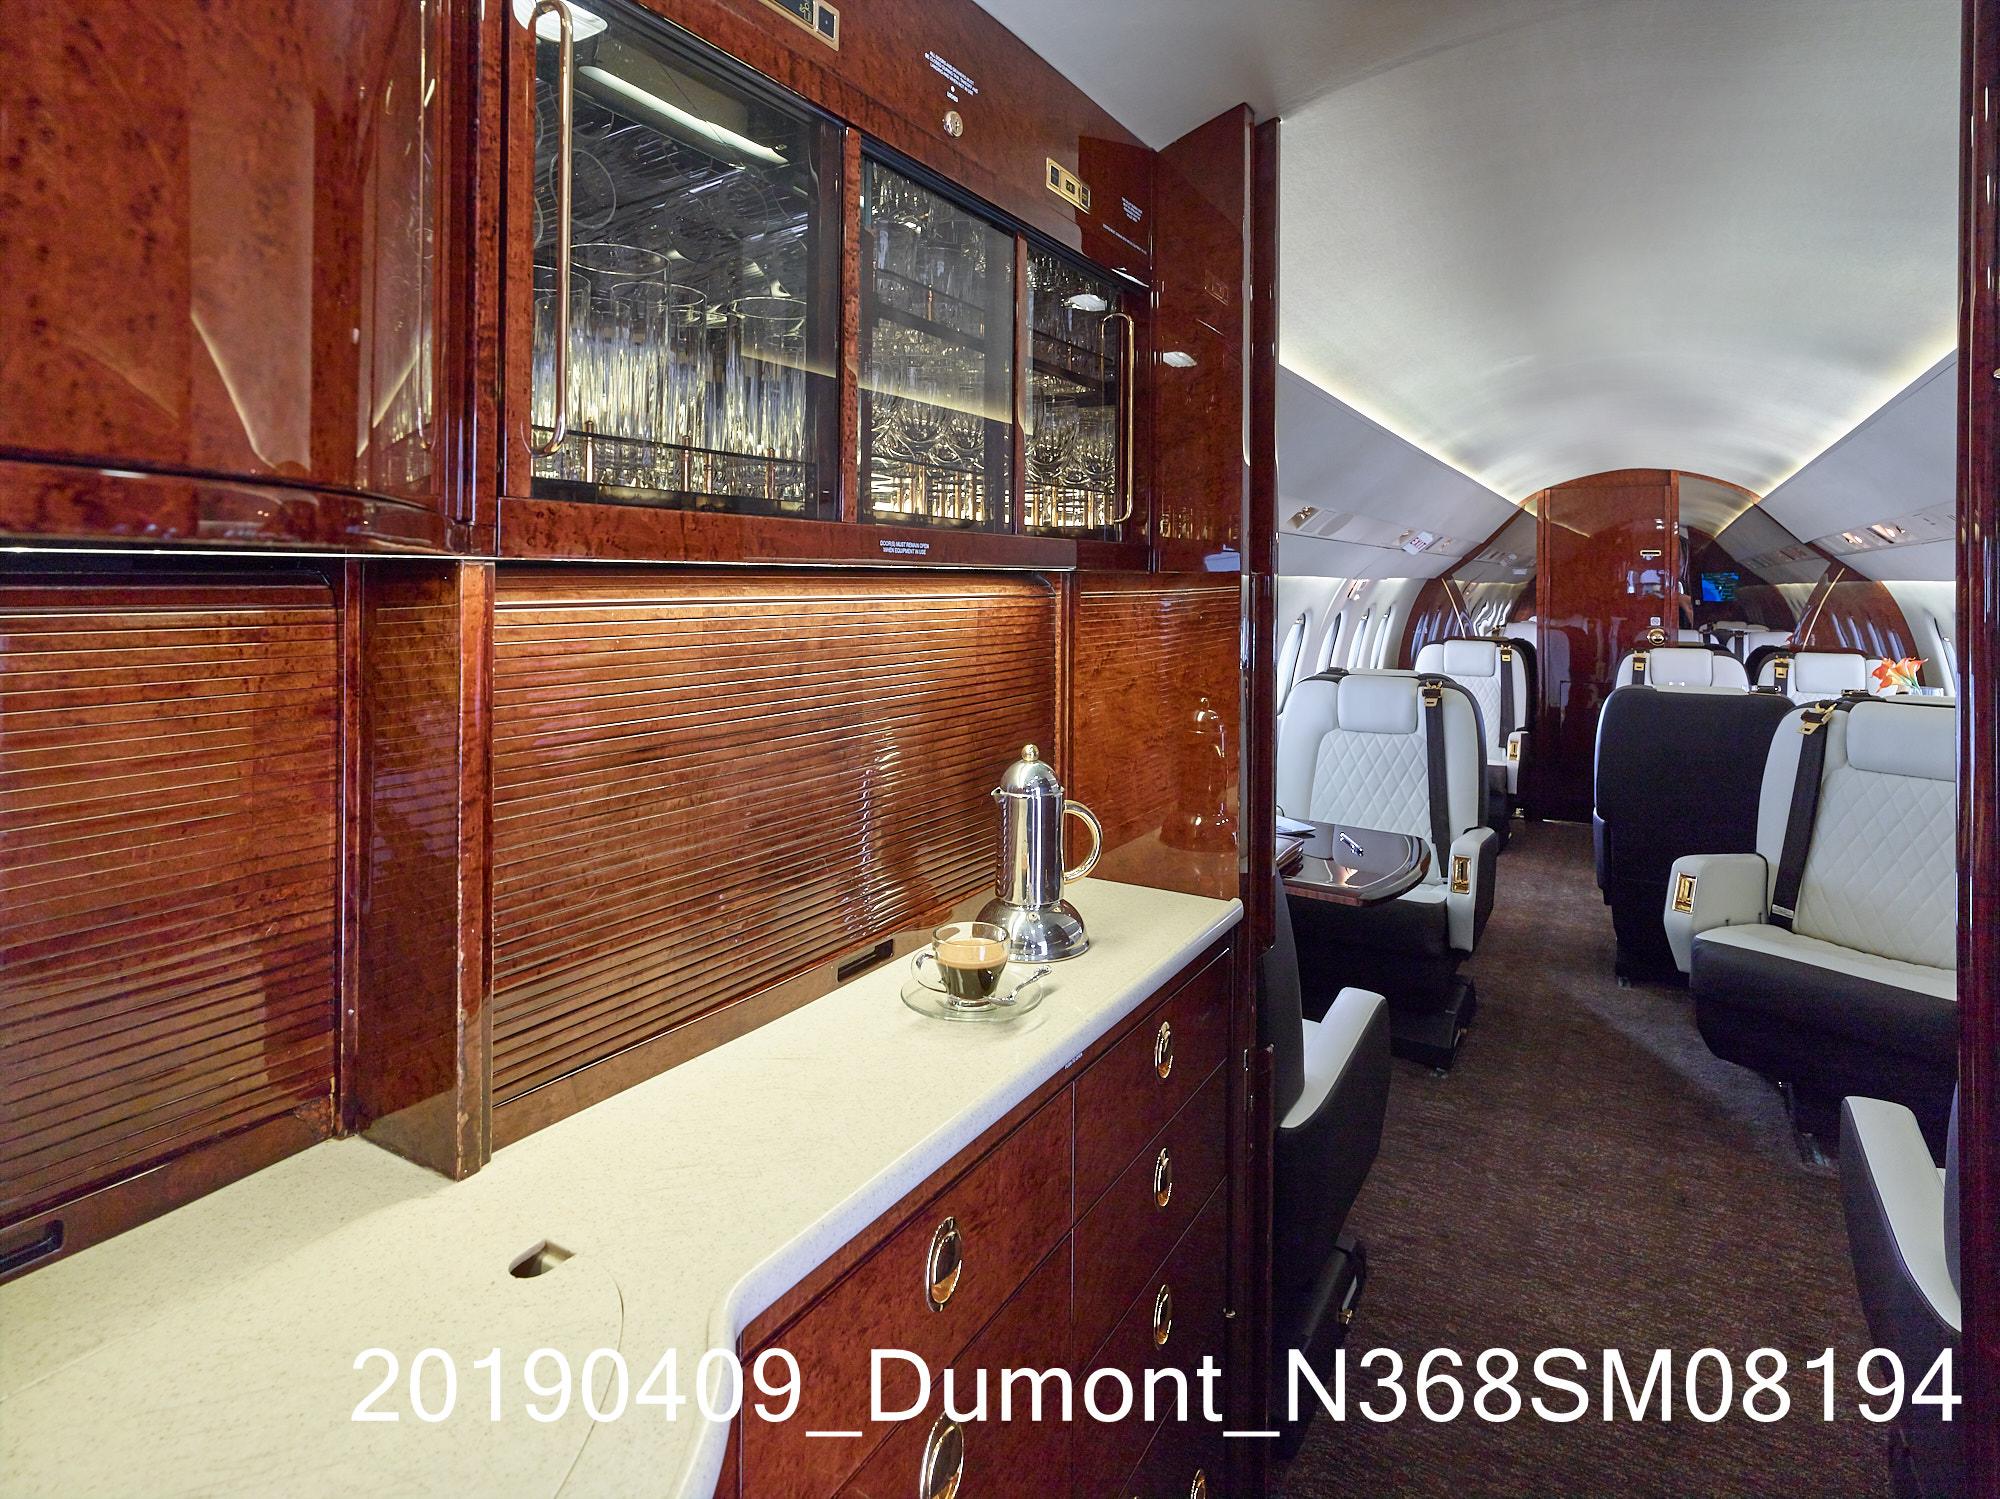 20190409_Dumont_N368SM08194.jpg